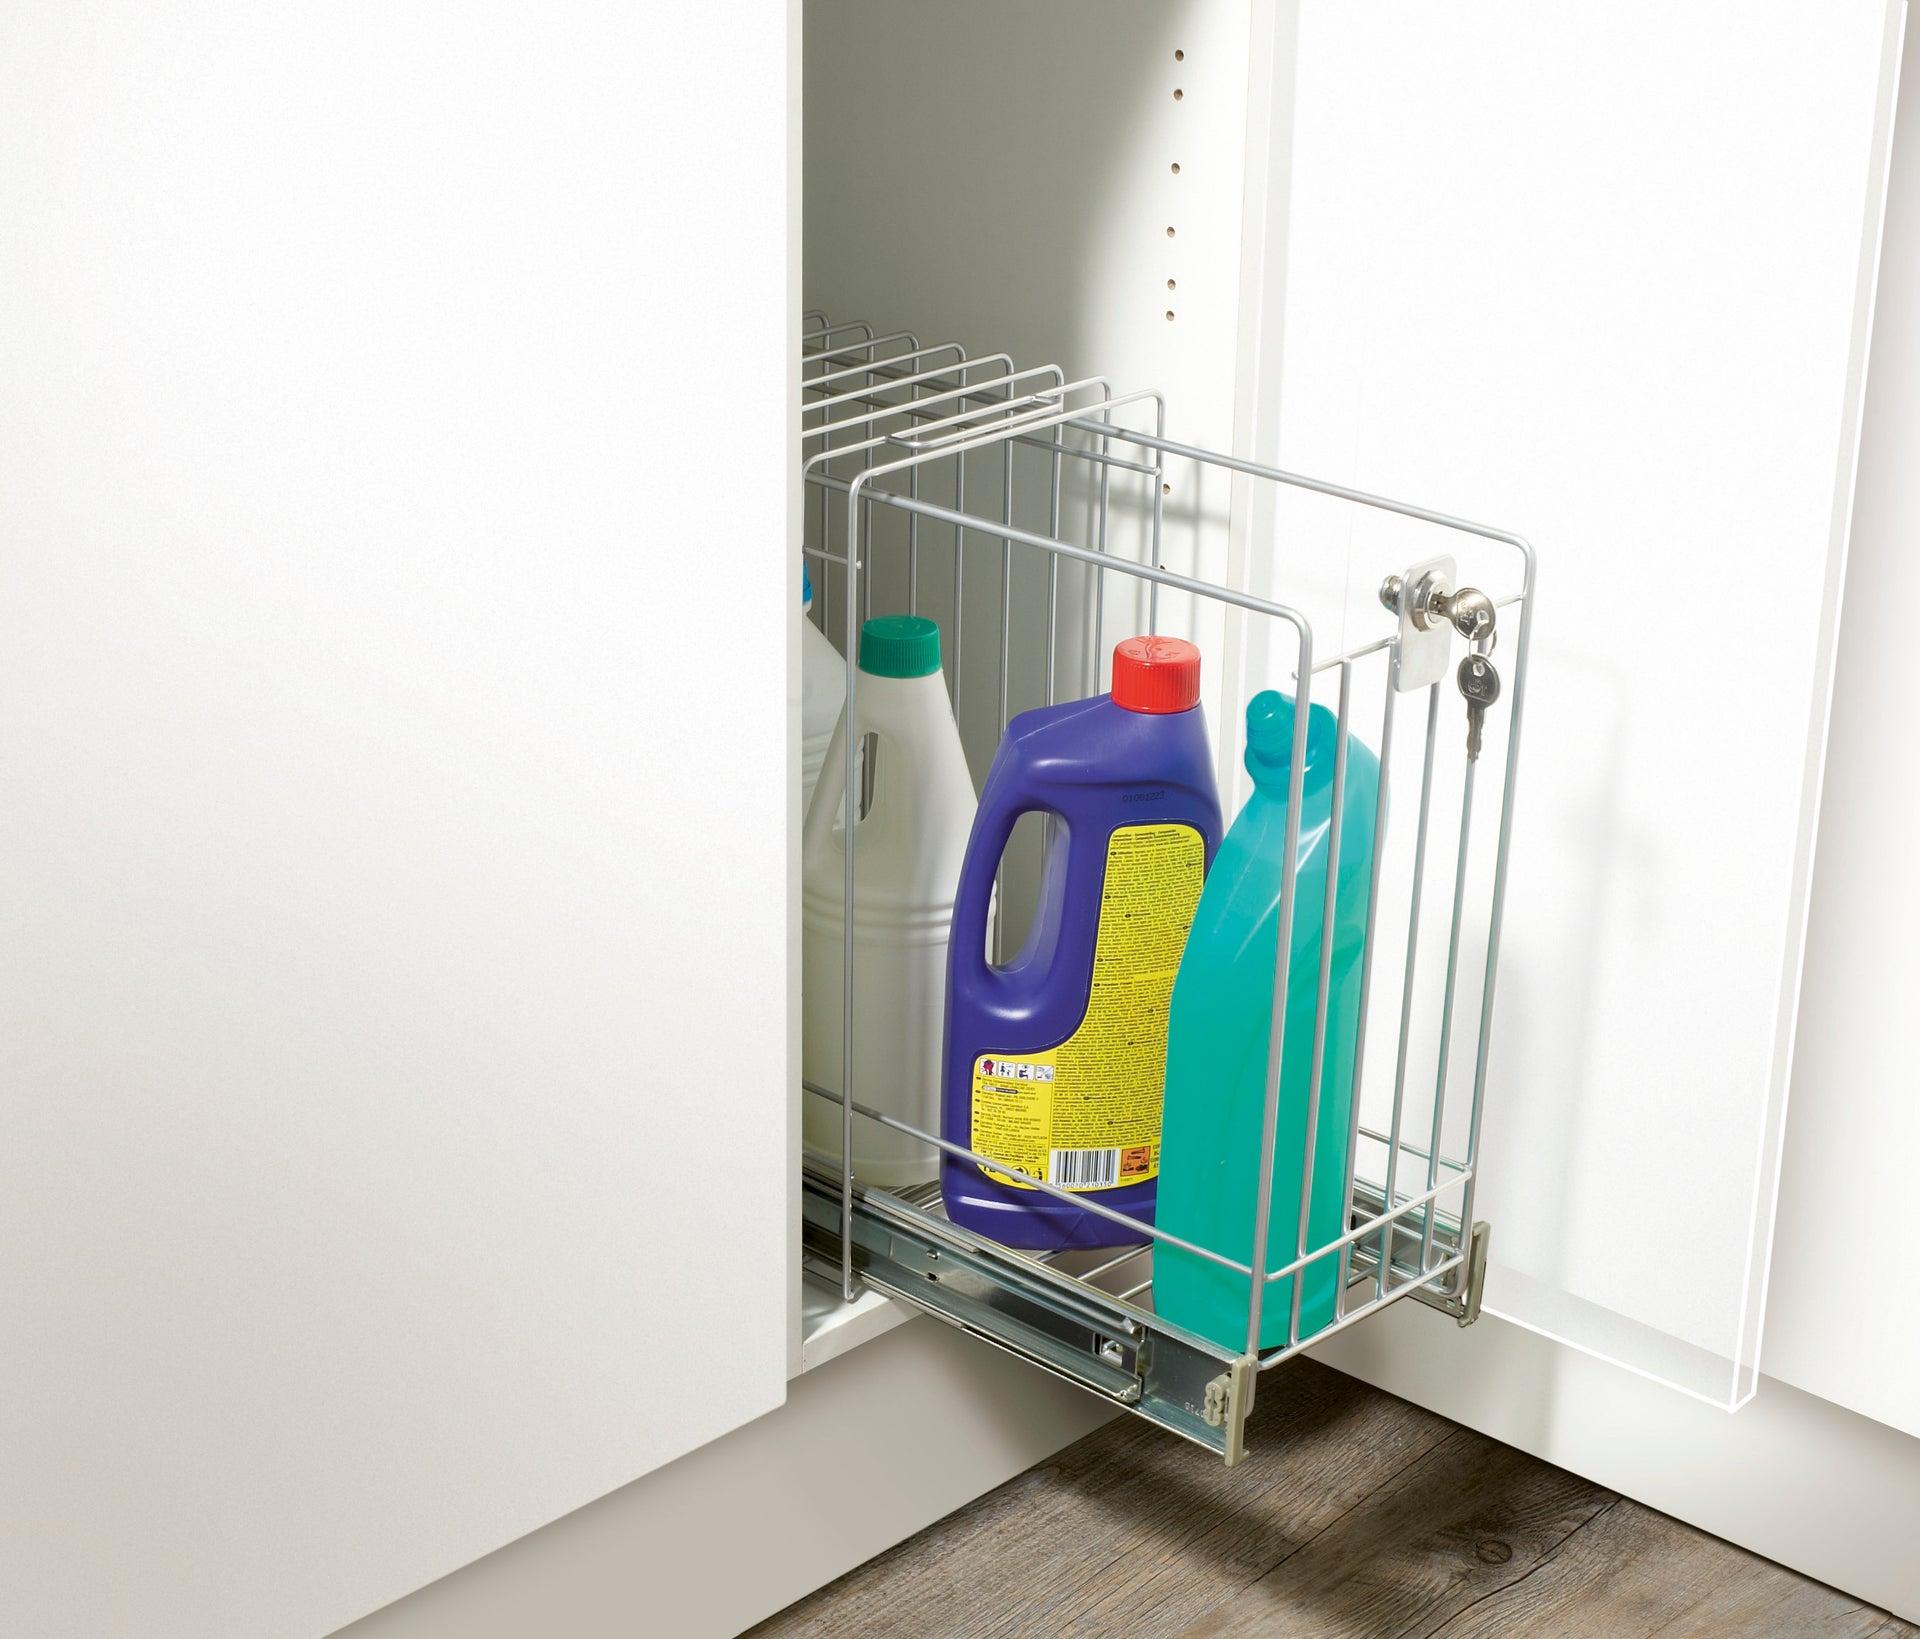 Rangement coulissant produits d'entretien sécurisé pour meuble l.60 cm | Leroy Merlin